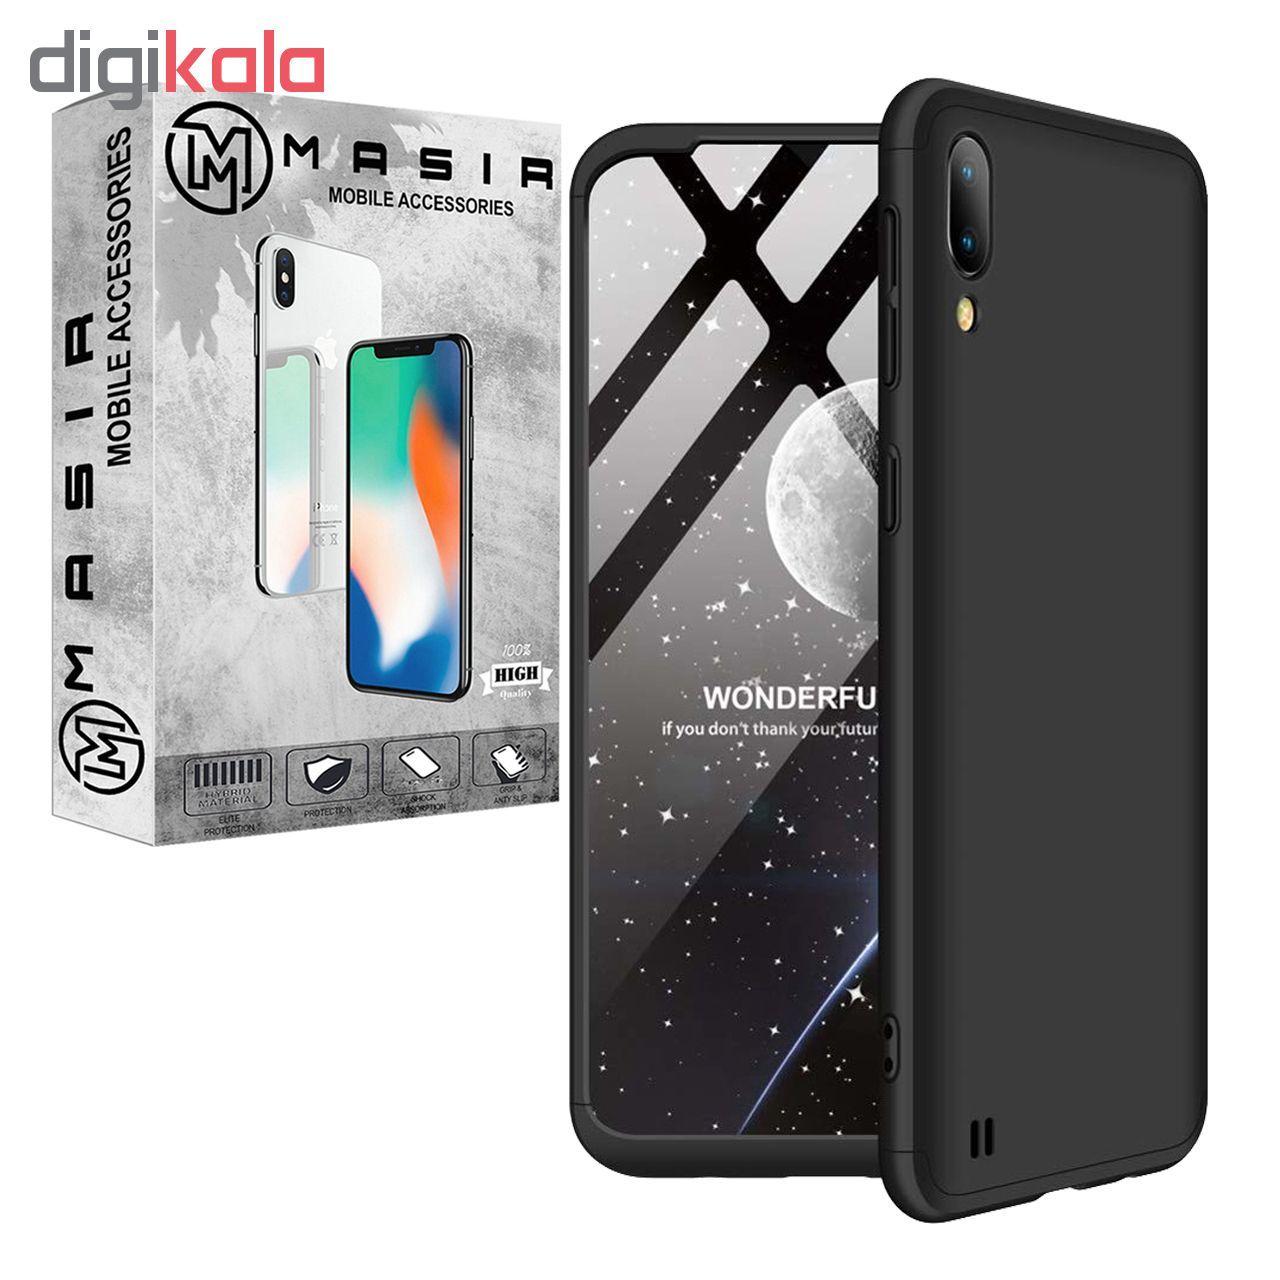 کاور 360 درجه مسیر مدل MGKS6-MGF-1 مناسب برای گوشی موبایل سامسونگ Galaxy M20 به همراه محافظ صفحه نمایش main 1 3